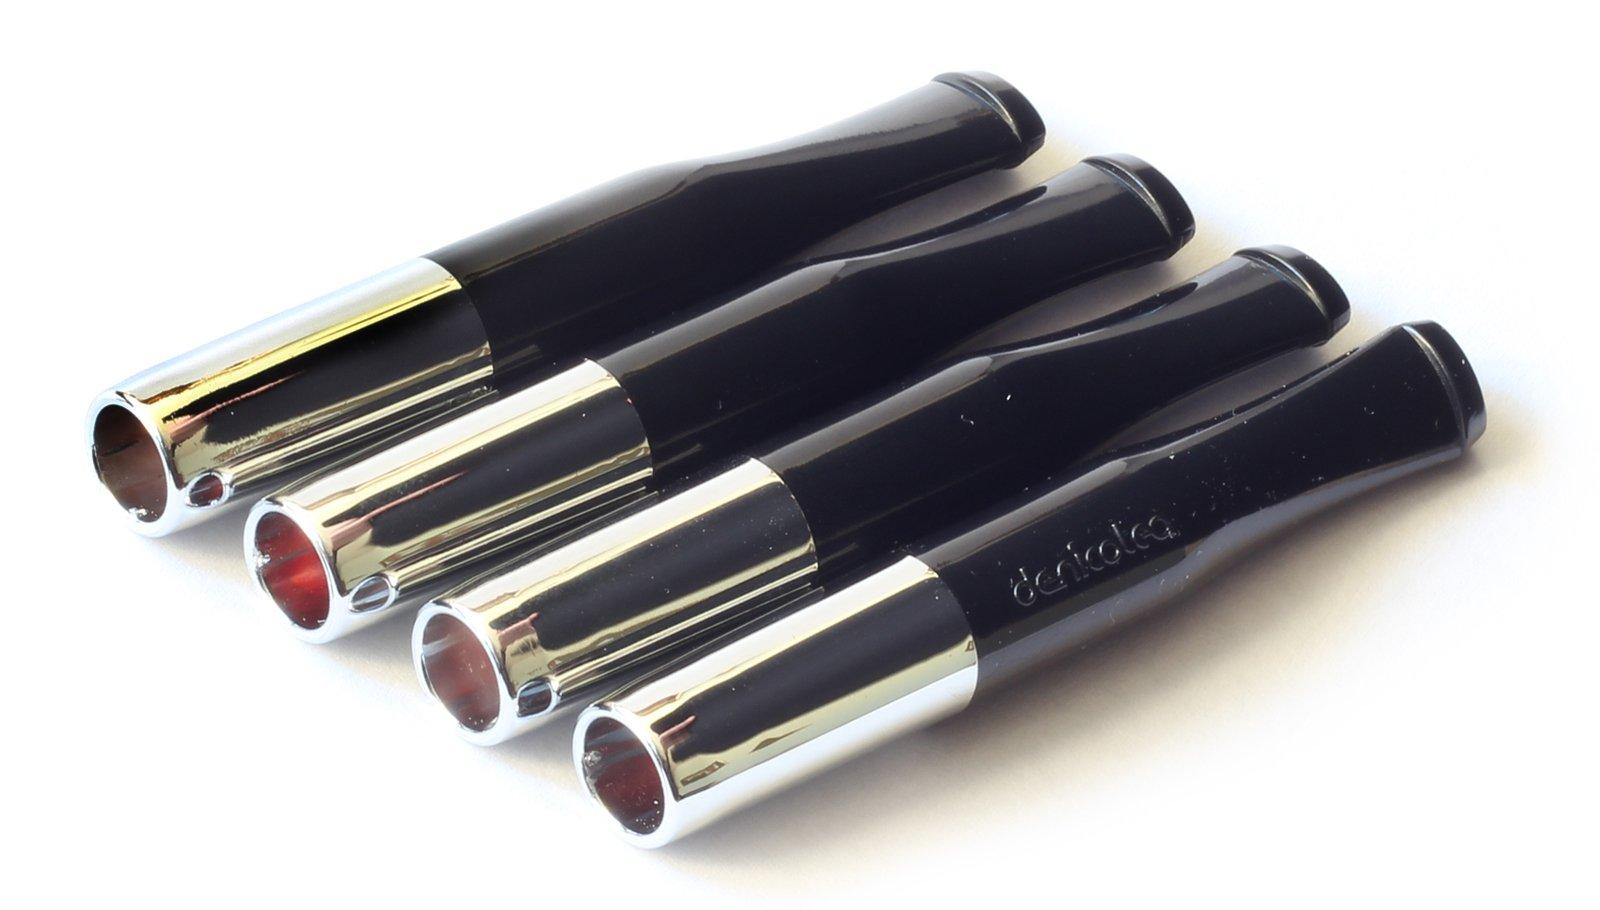 4 x DENICOTEA cigarette holders Black and Silver color